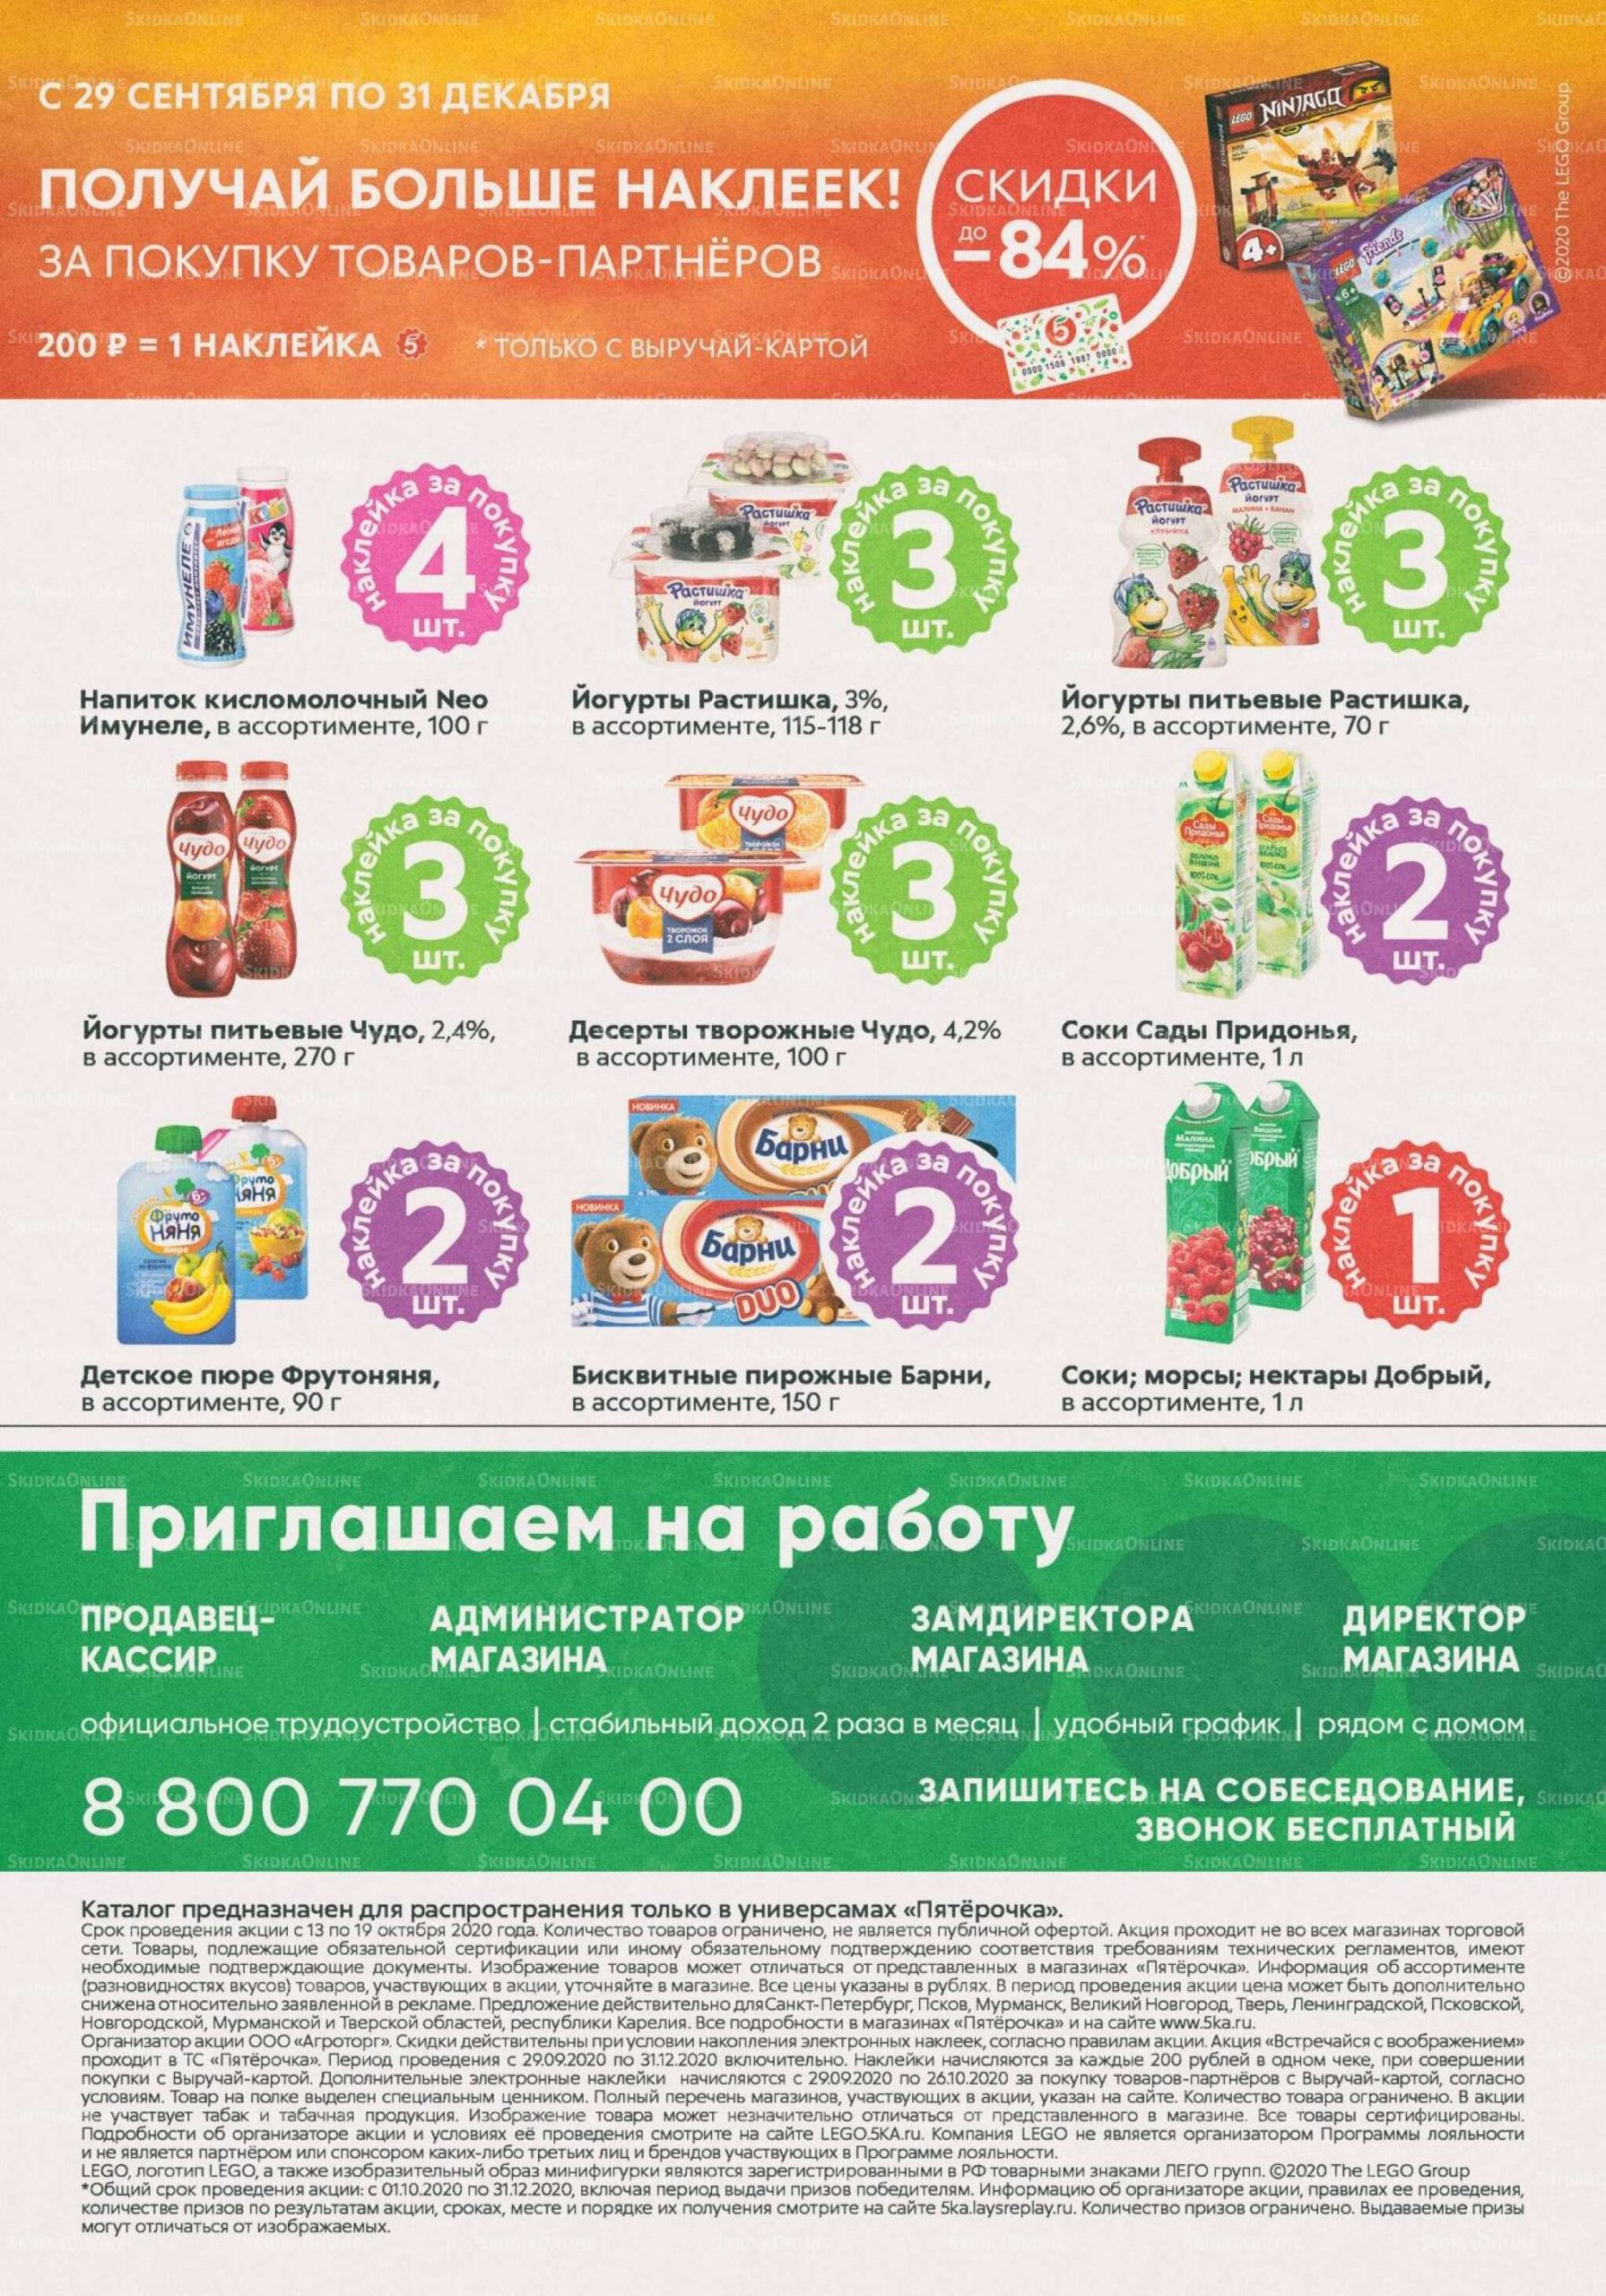 Акции в Пятёрочке с 13 по 19 октября 2020 года